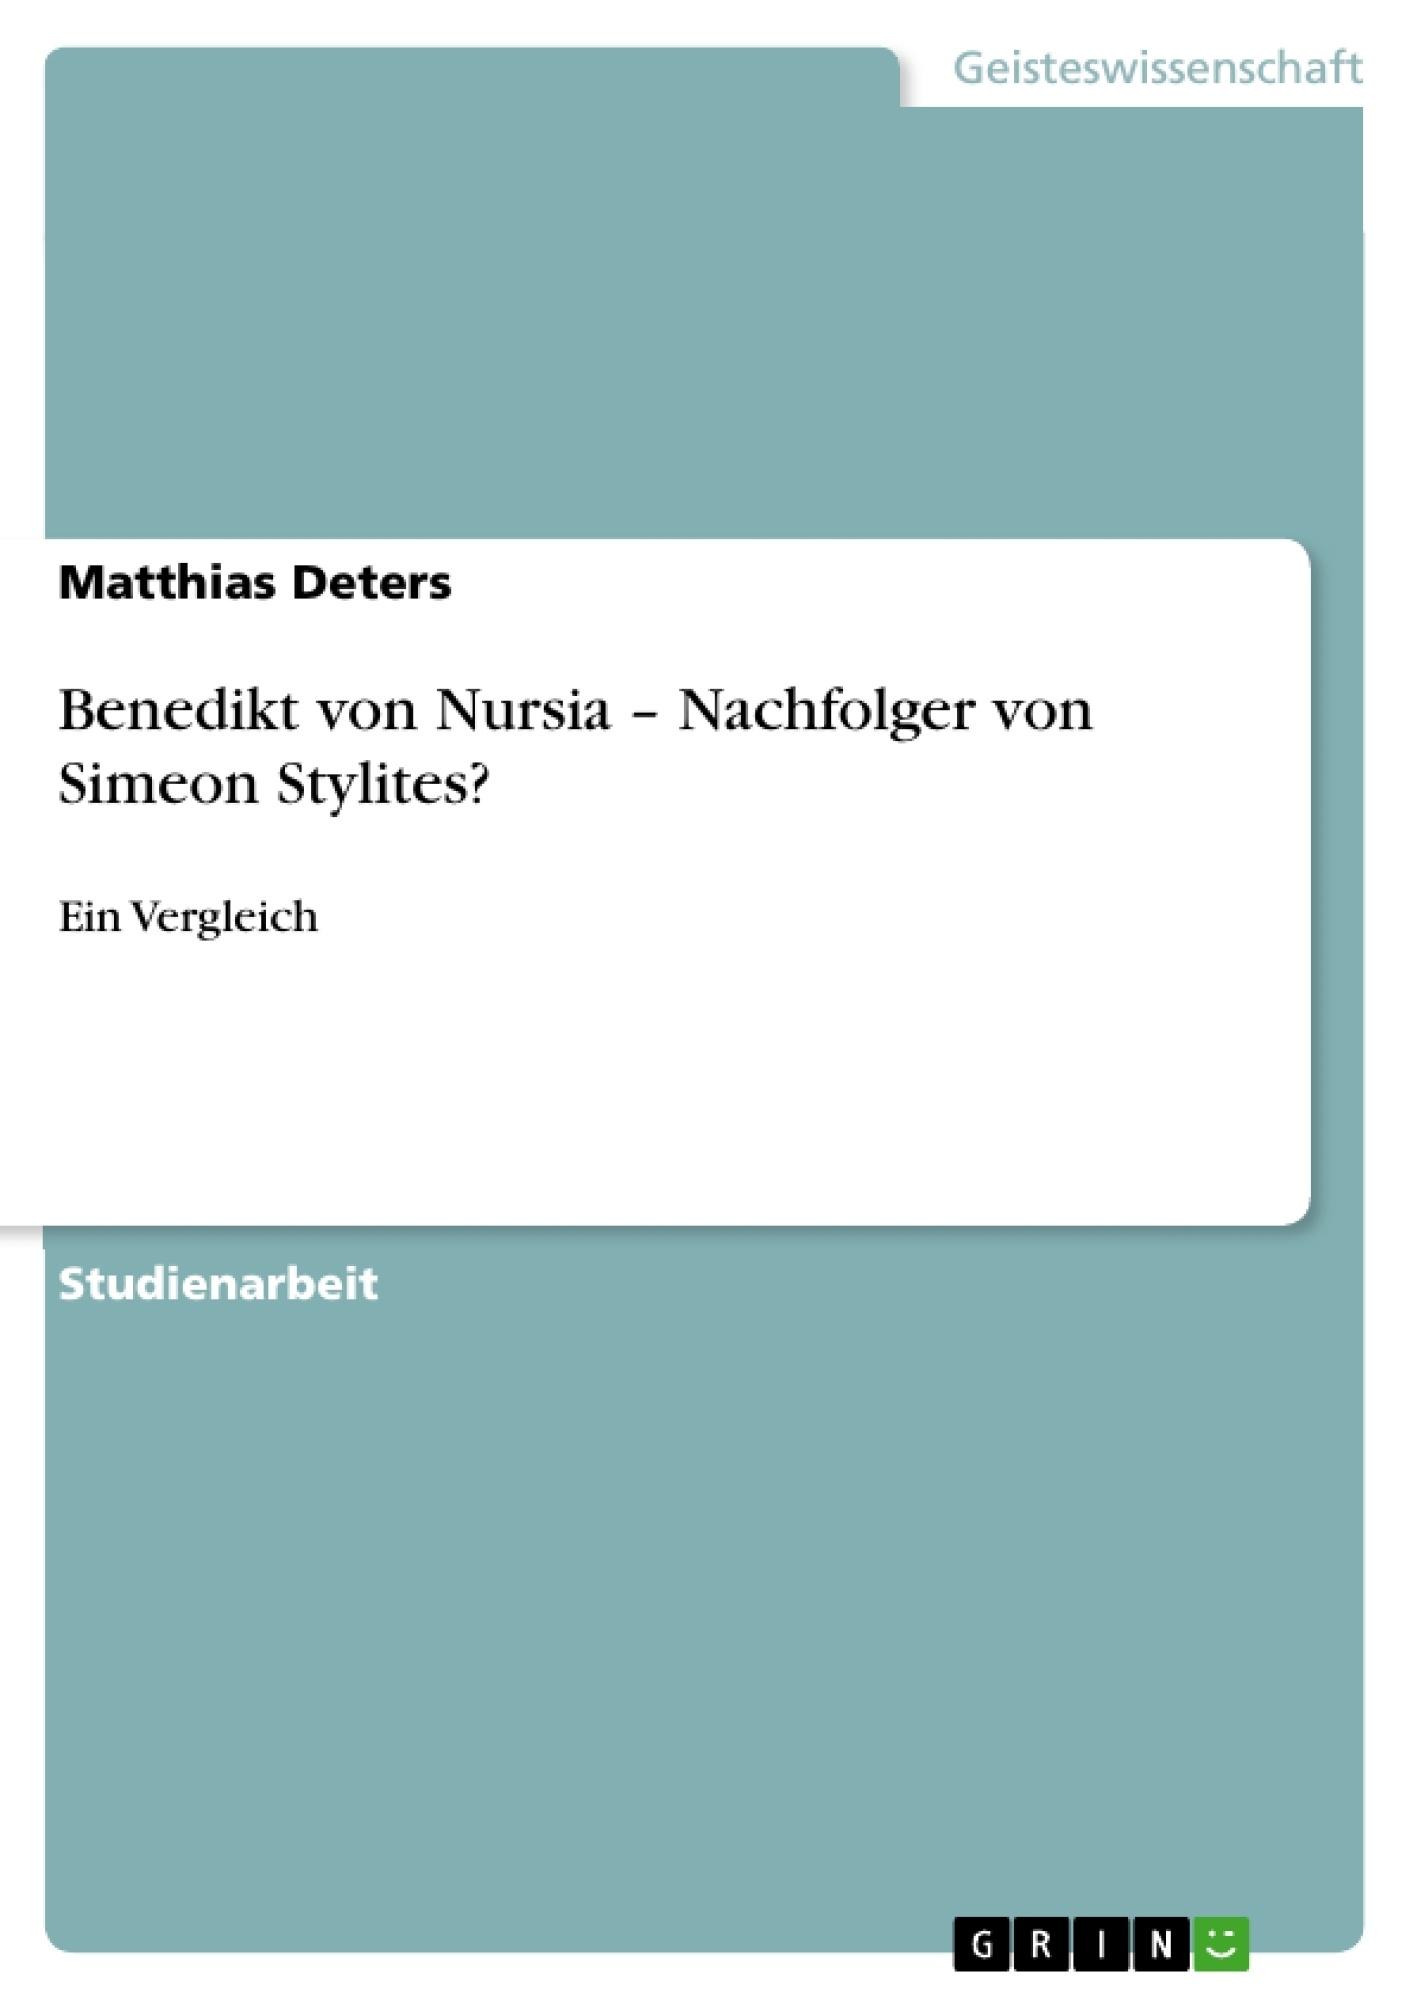 Titel: Benedikt von Nursia – Nachfolger von Simeon Stylites?